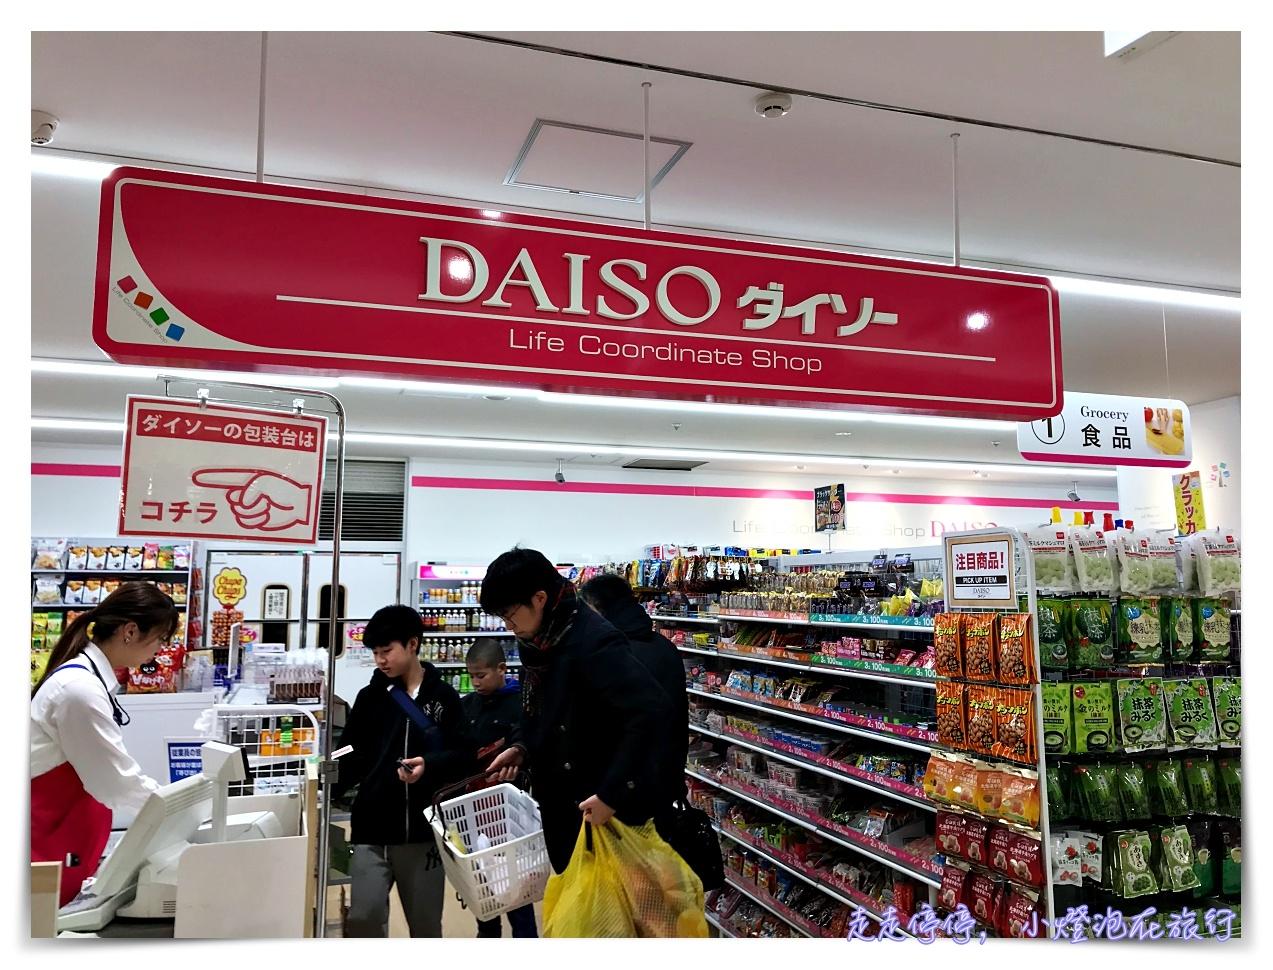 即時熱門文章:日本大創Daiso採買|什麼玩意兒都只要108円日幣起~手撕膠帶、溫度變色杯、吸管眼鏡、煮蛋器~通通都好玩